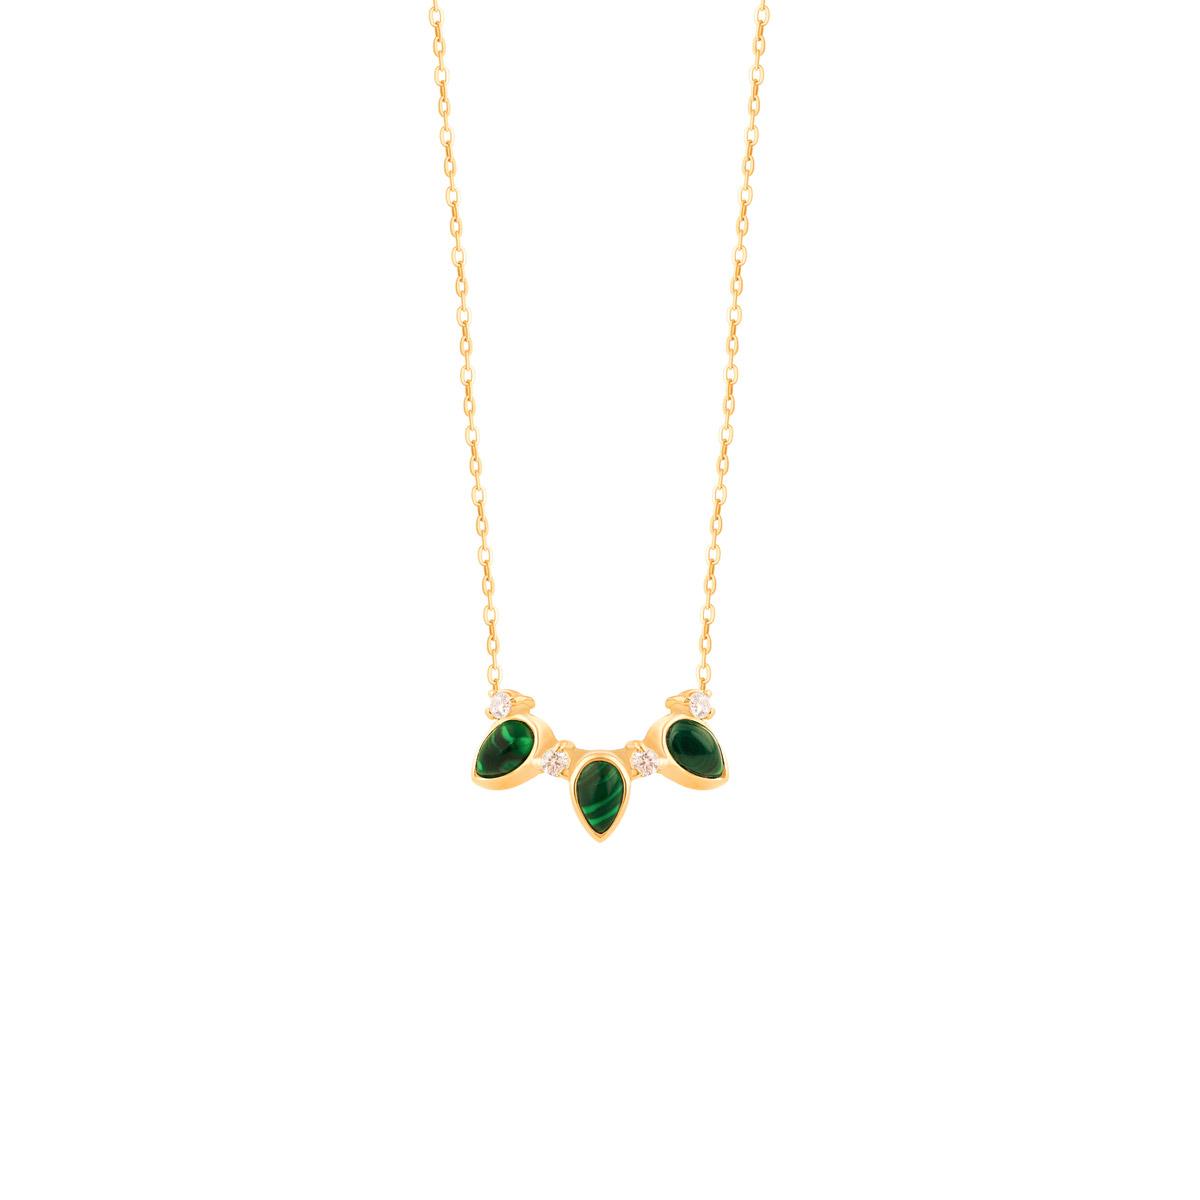 گردنبند طلا مینِلاوا سبز